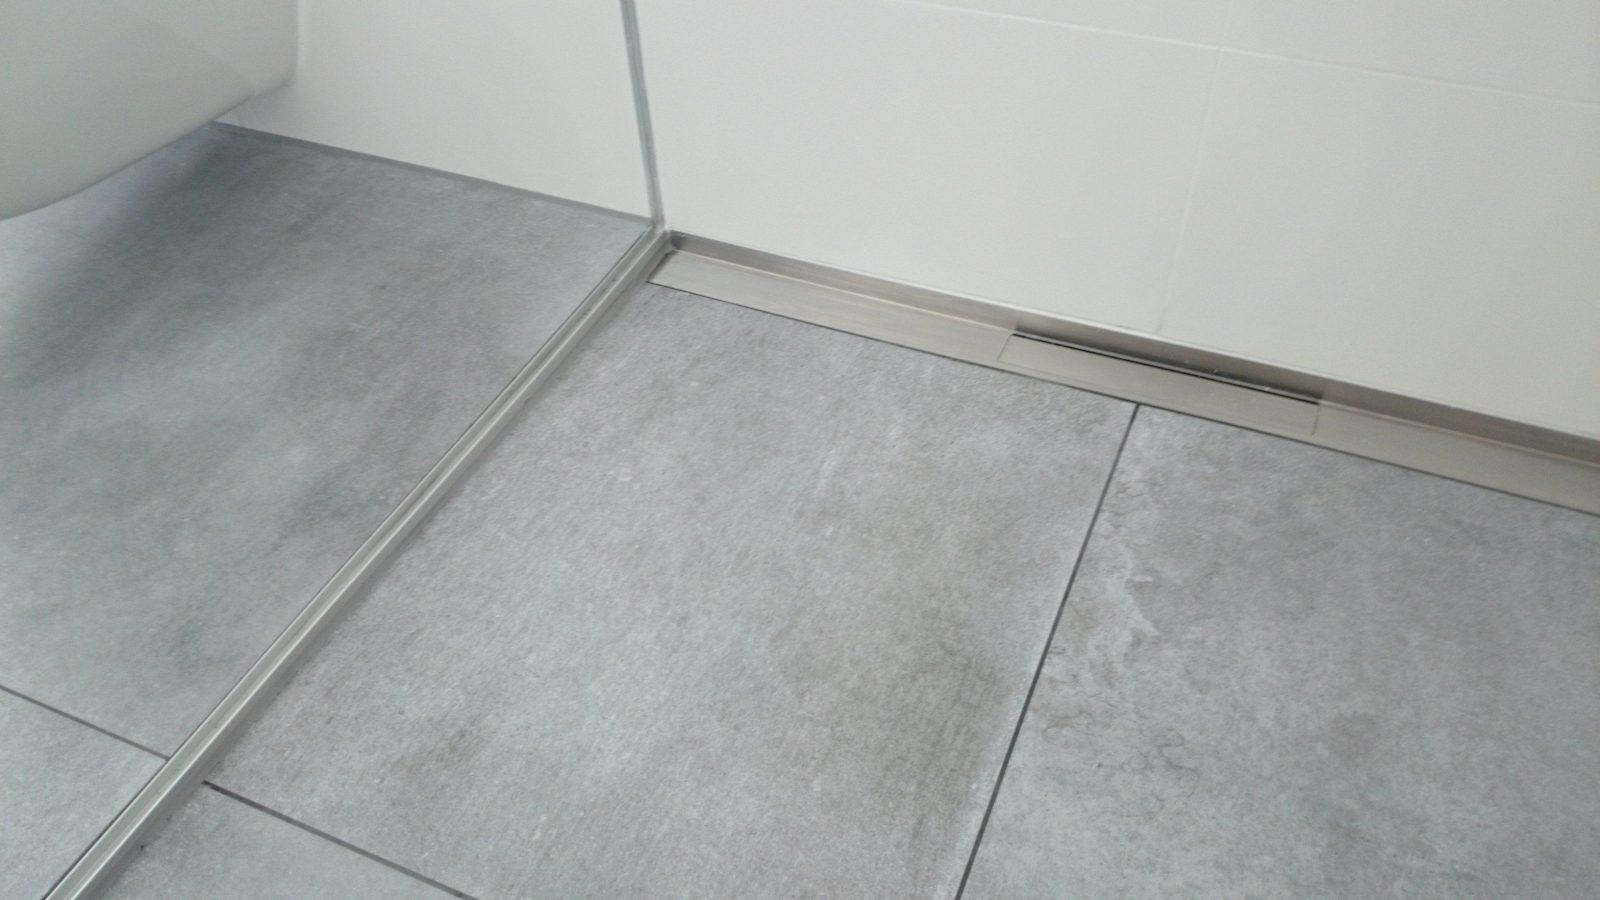 Ablauf Für Bodengleiche Dusche Vr08 – Hitoiro von Ablauf Für Bodengleiche Dusche Photo